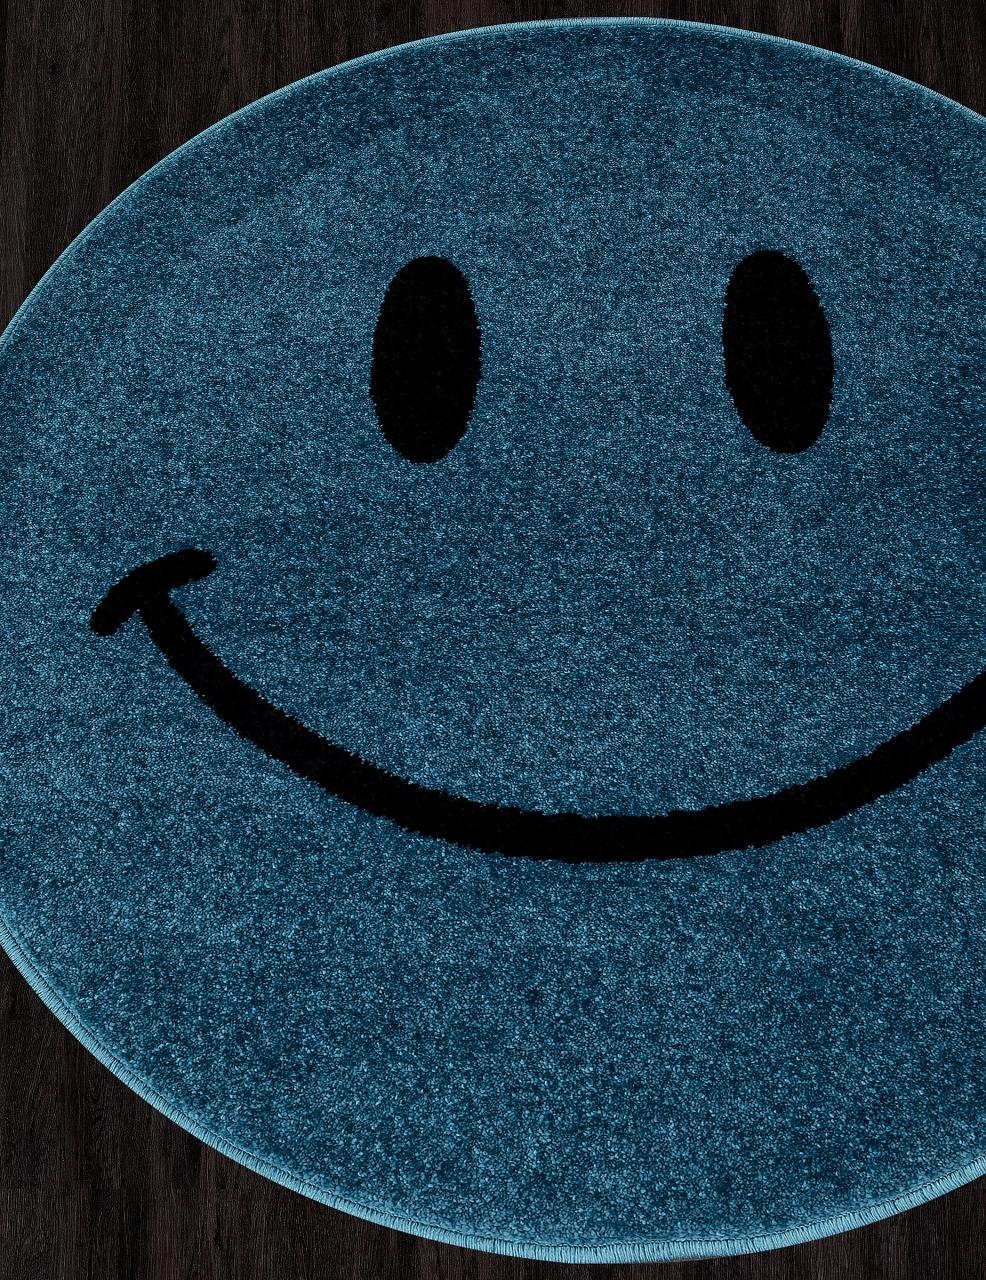 Ковер NC19 - BLUE - Круг - коллекция SMILE